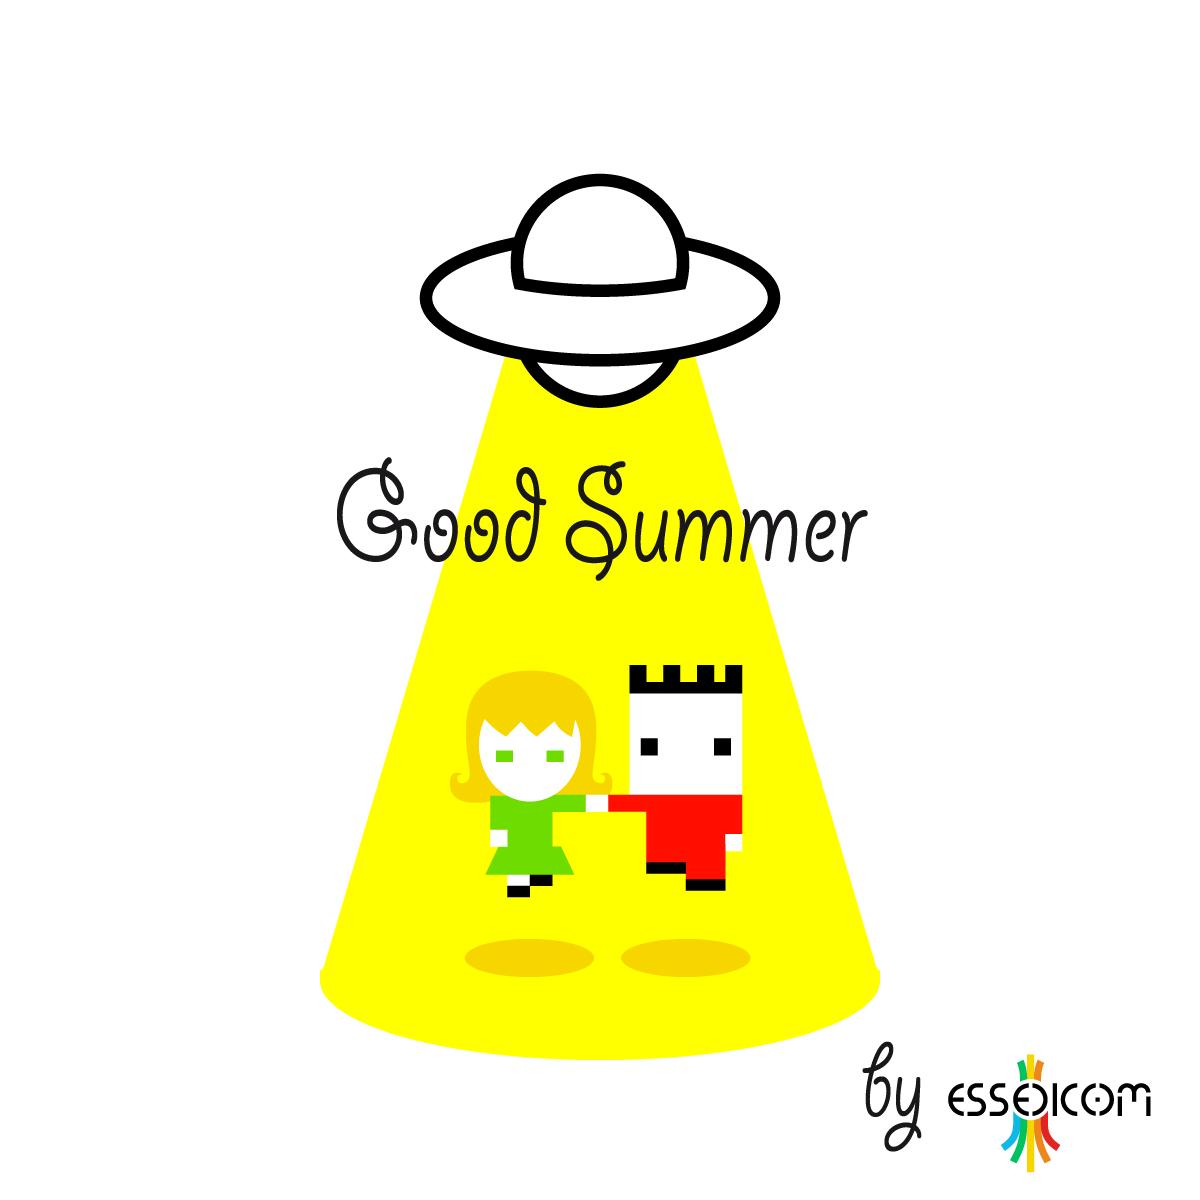 Good summer!